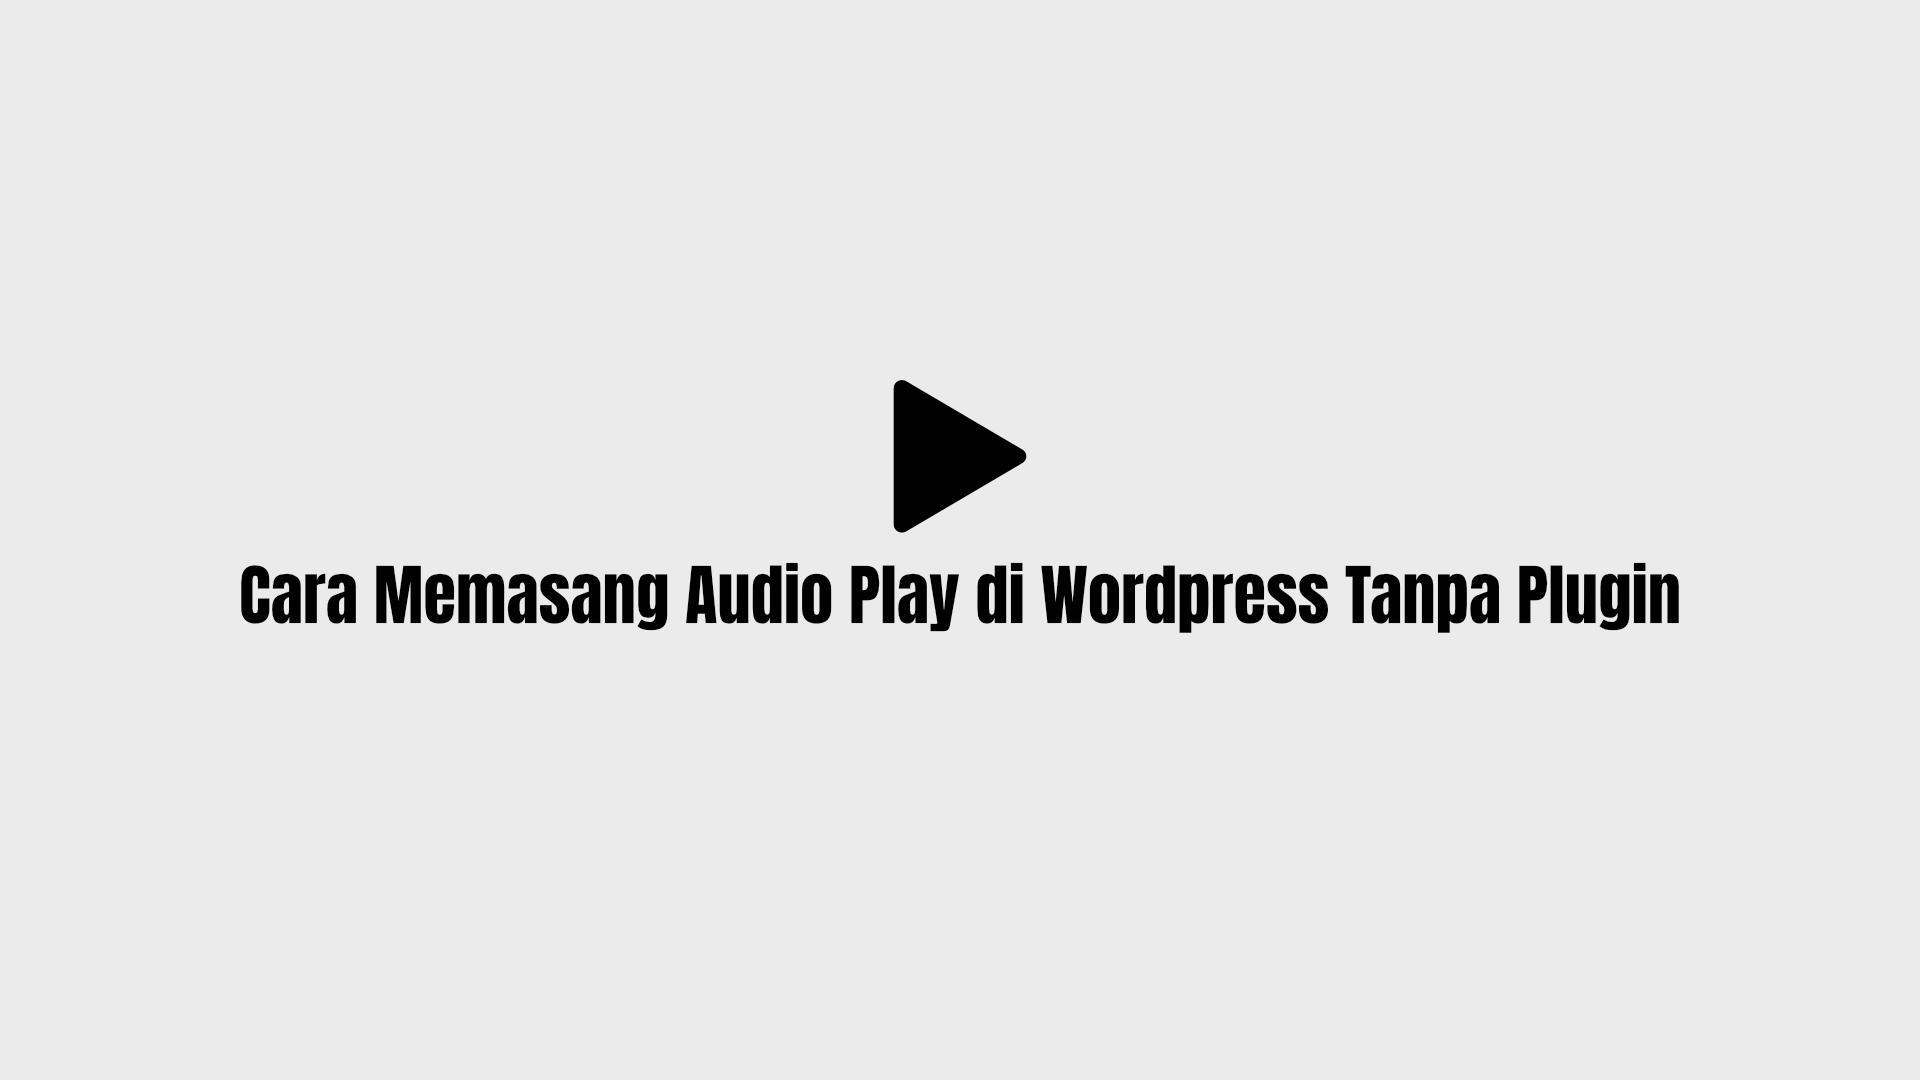 Baru! Cara Memasang Audio Play di Wordpress Tanpa Plugin |